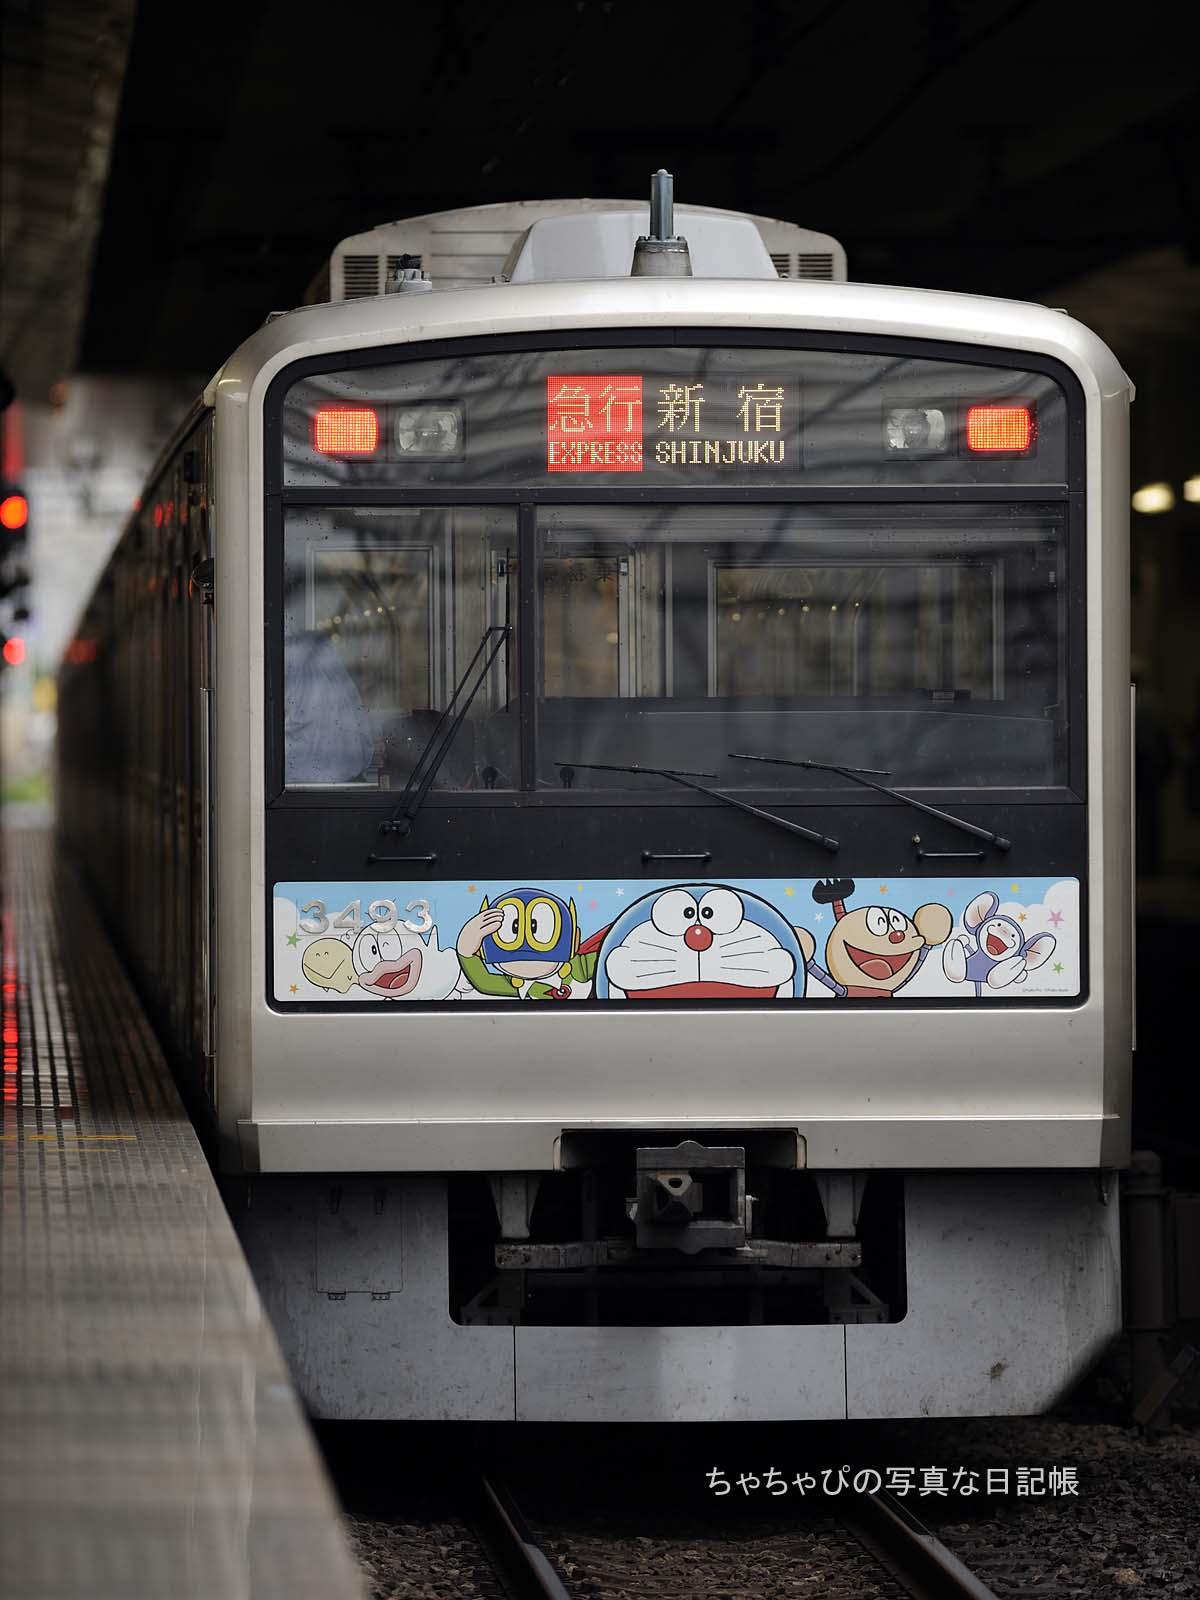 『小田急 F-Train(エフ トレイン)』